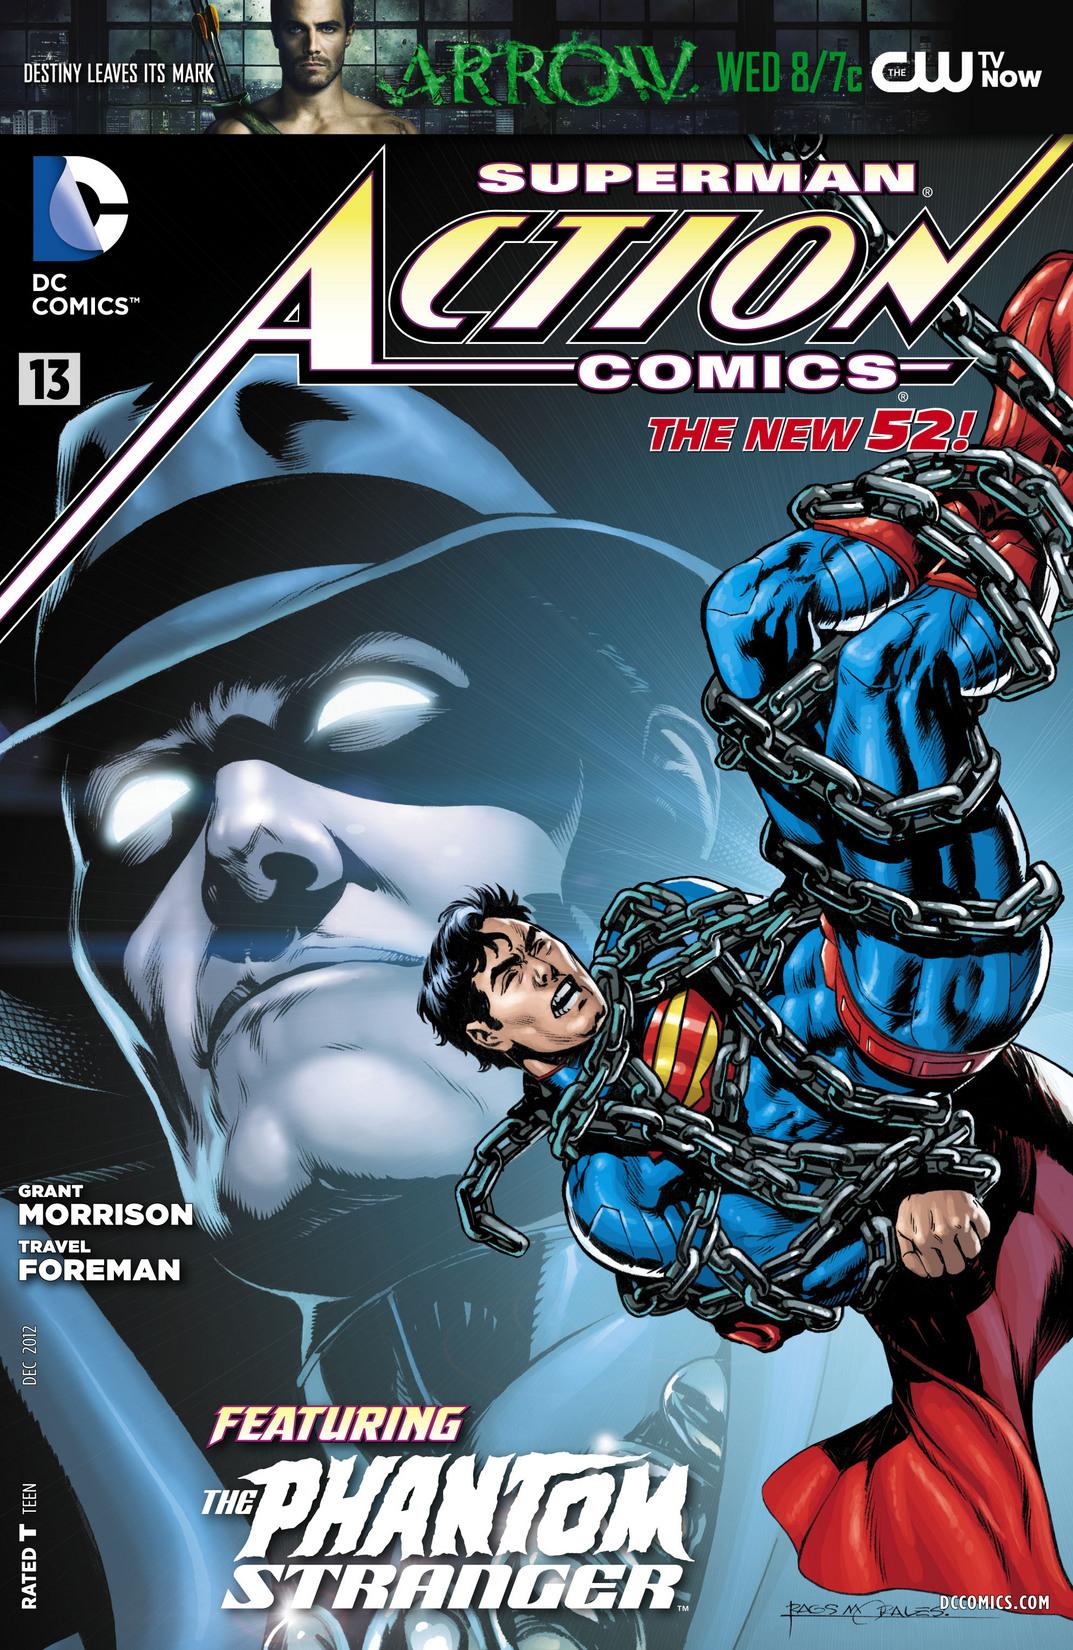 Action Comics Vol 2 13 Variant.jpg